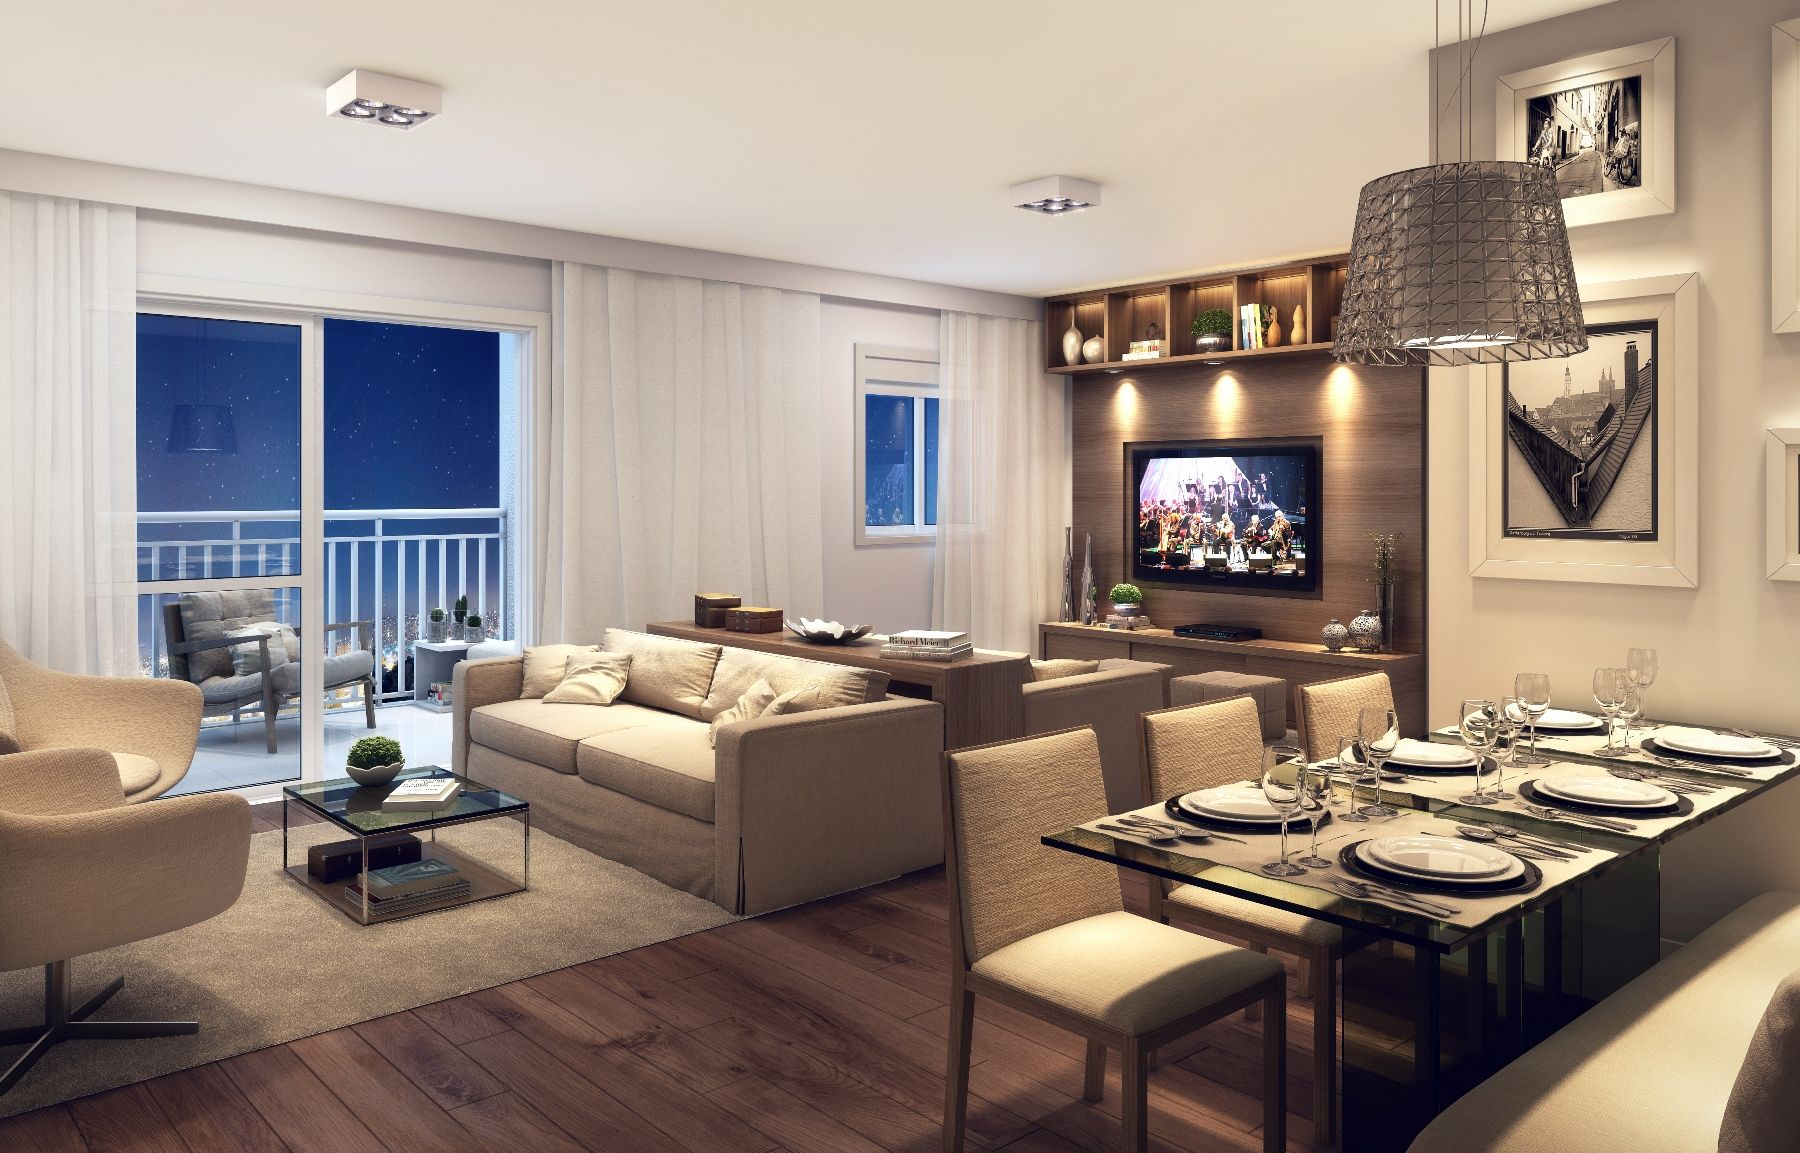 Perspectiva ilustrada do Living dos apartamentos de 67m².